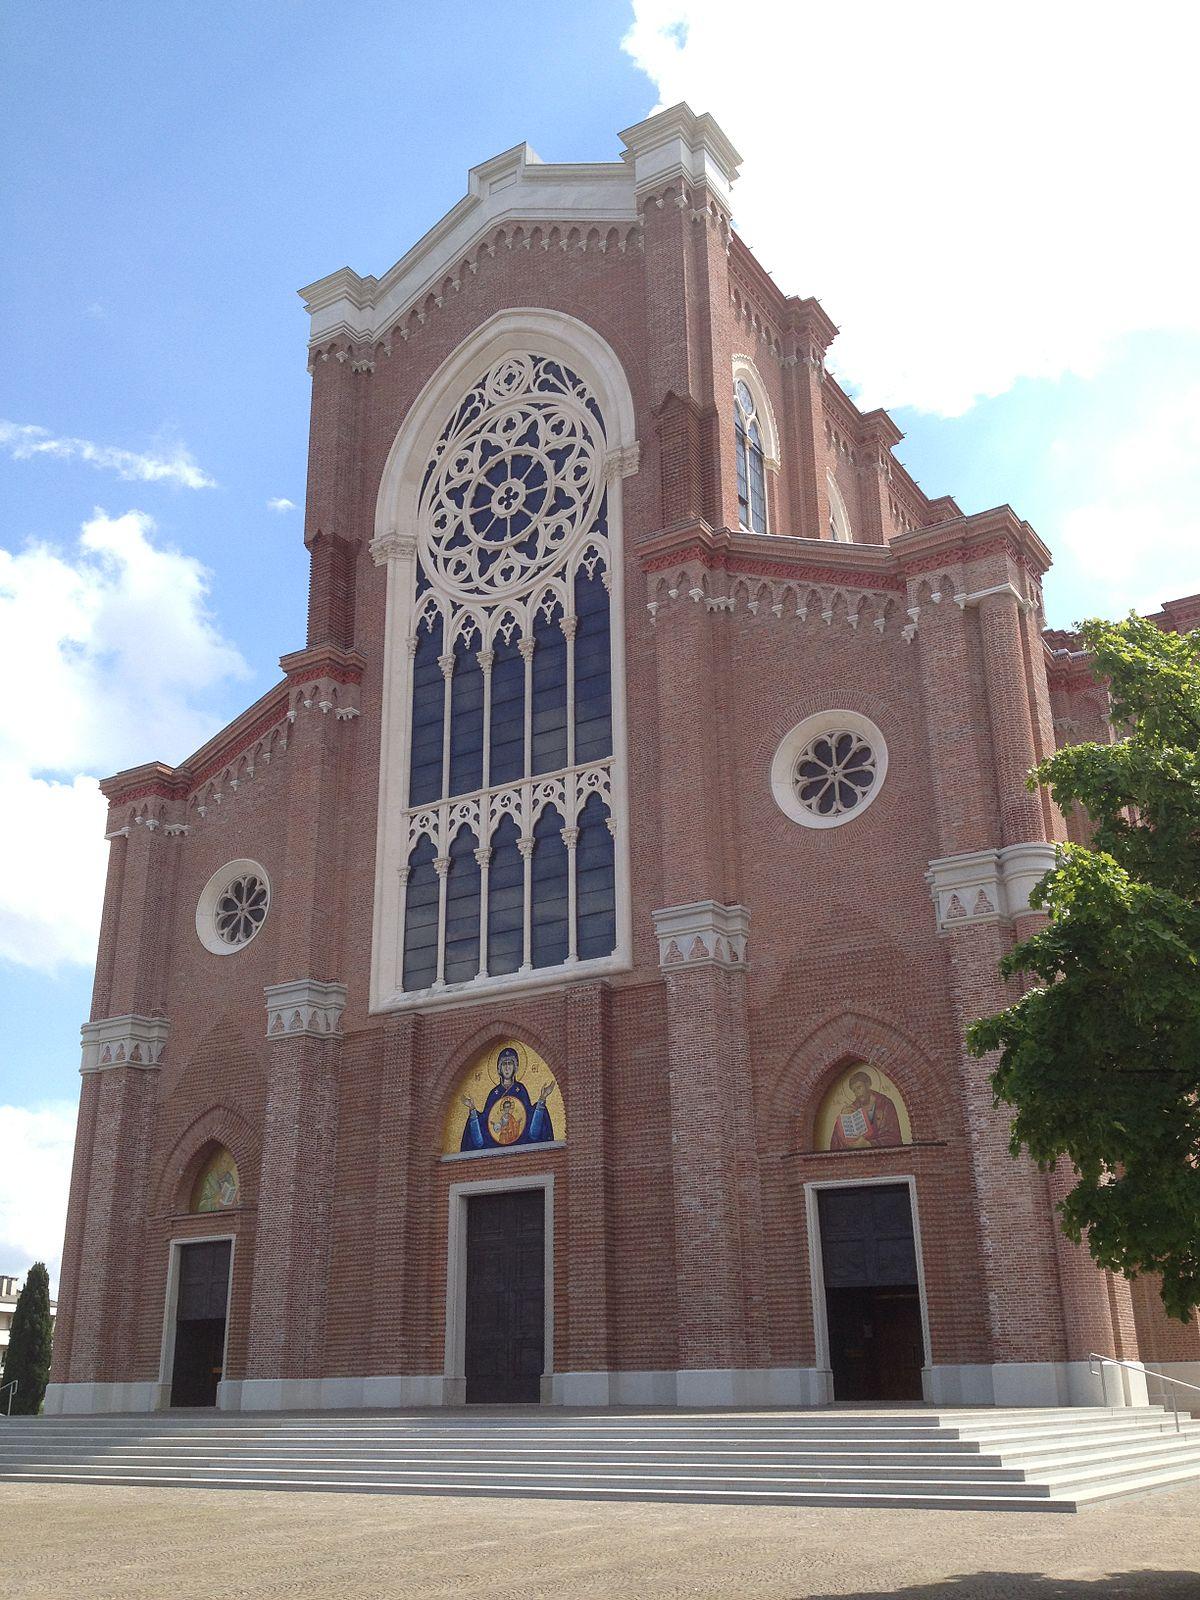 Duomo di montebelluna wikipedia for B b mobili montebelluna